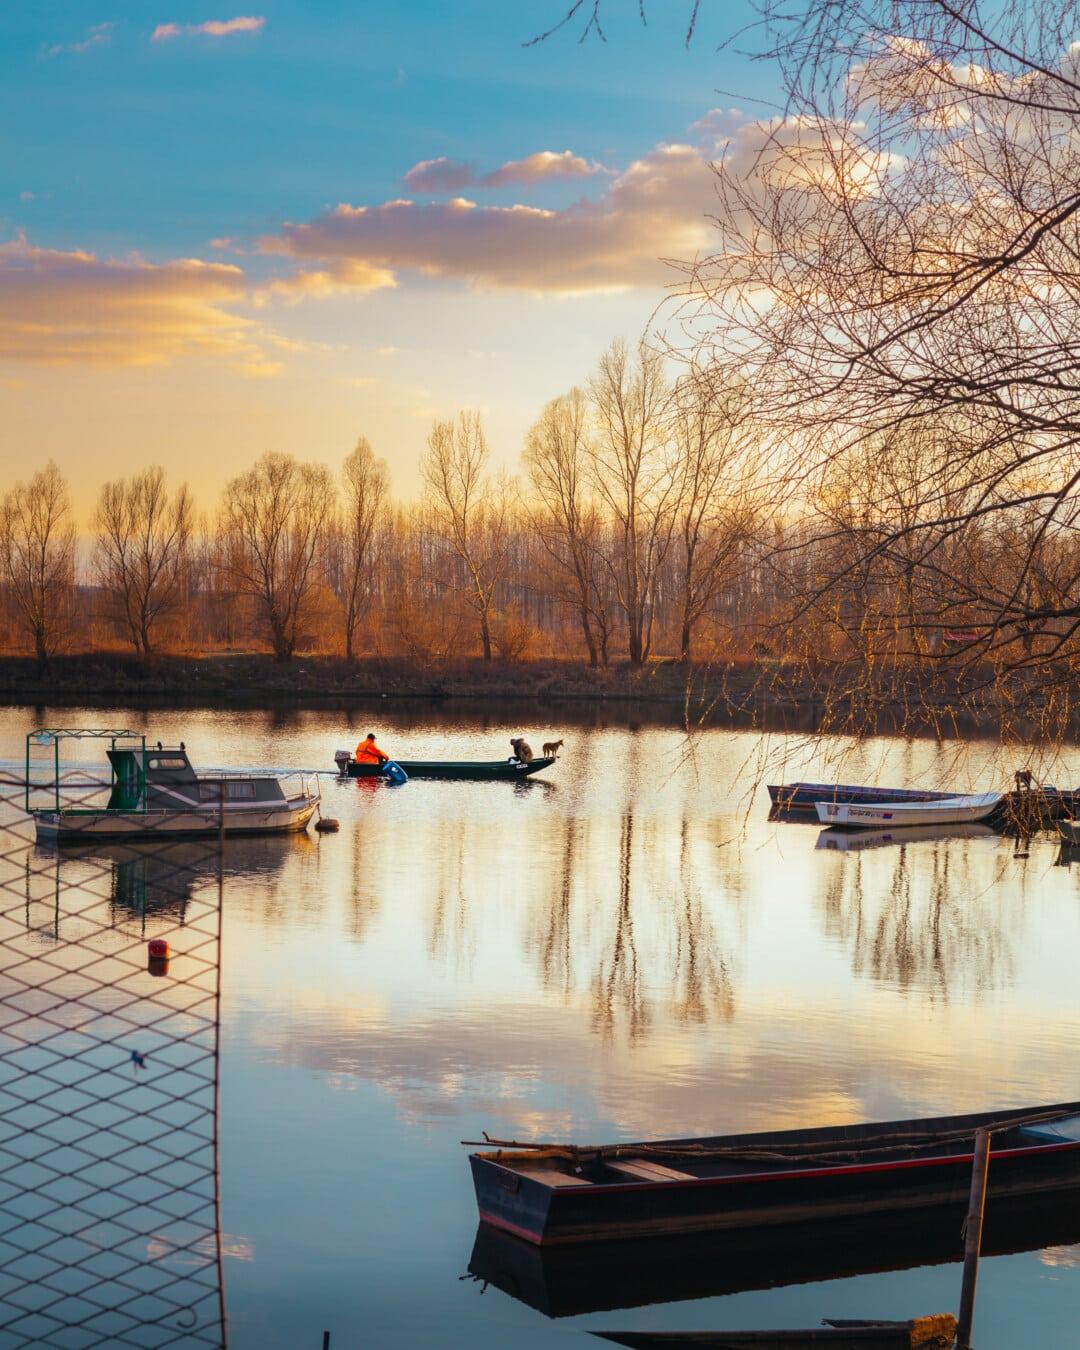 サンセット, 漁師, 釣りボート, 川のボート, 川岸, 雰囲気, 穏やかな, 穏やかです, ランドス ケープ, 雄大な